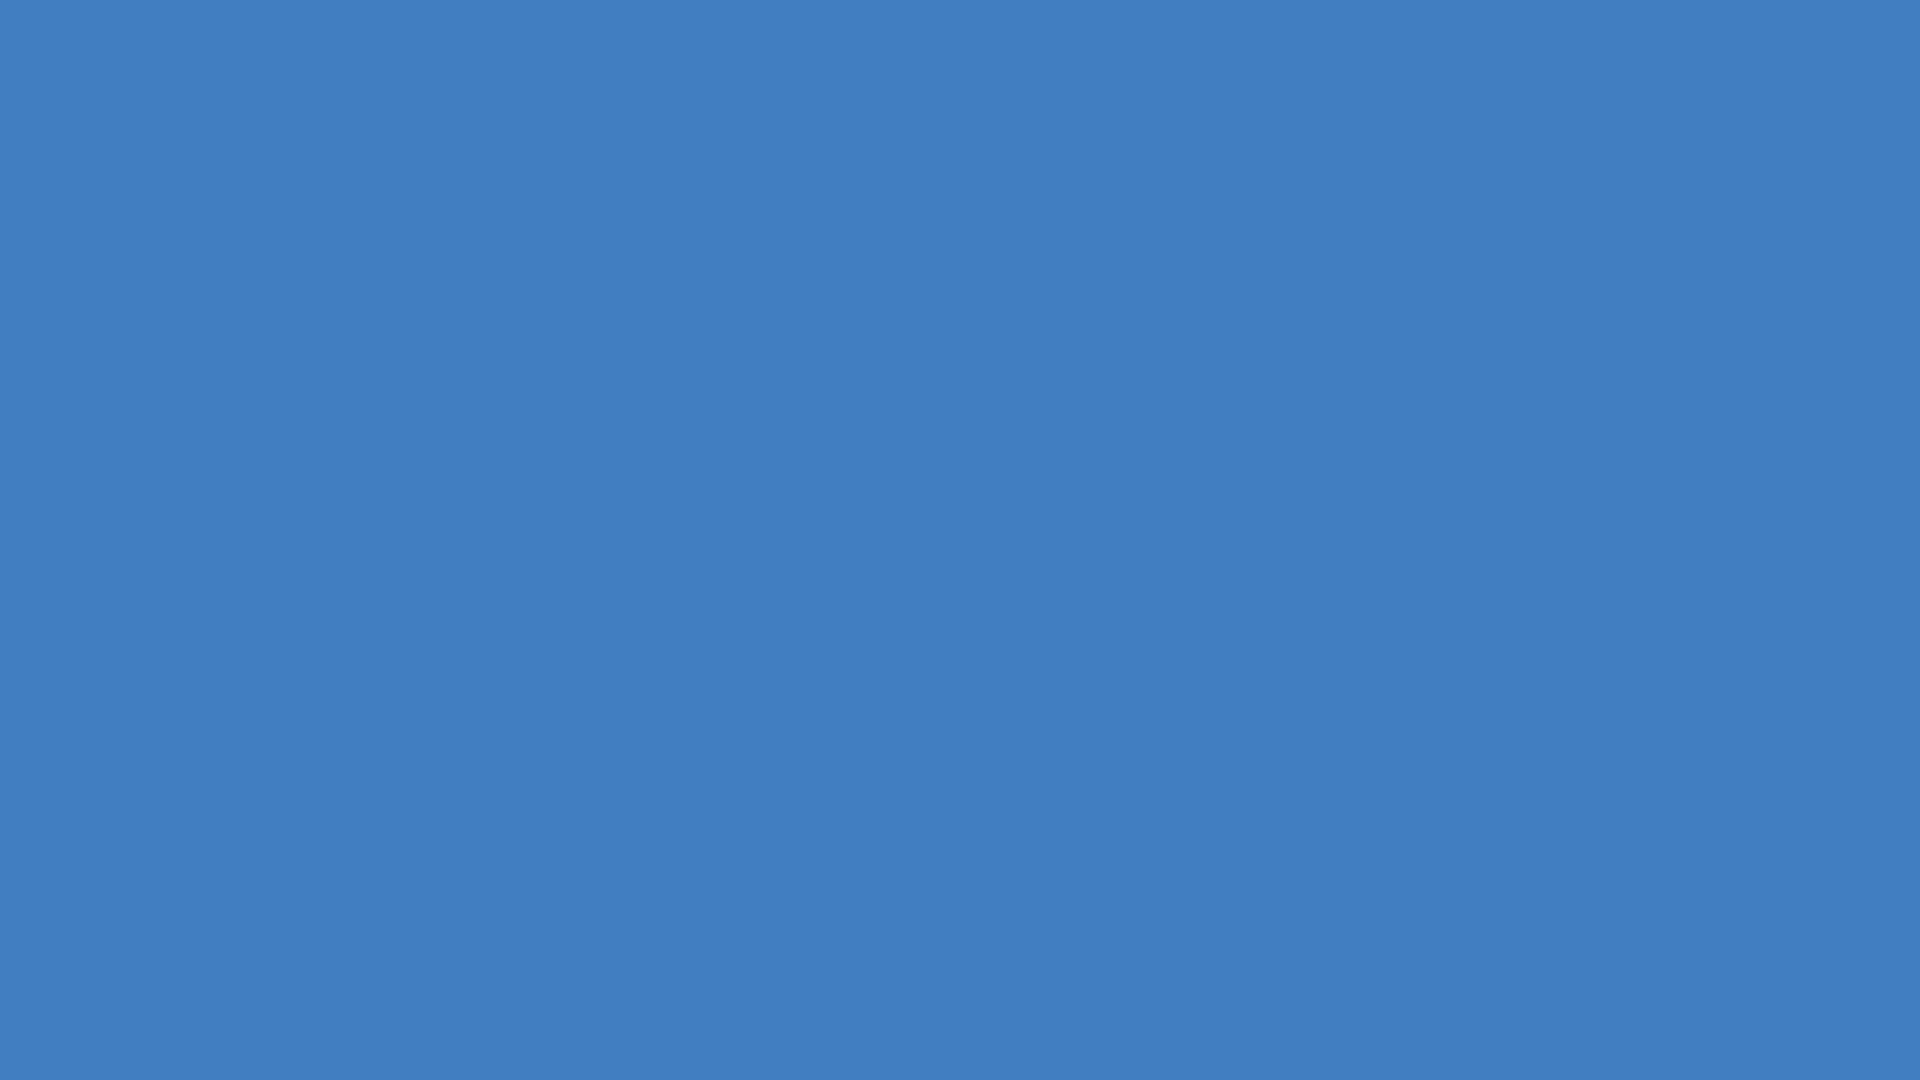 Solid Color Wallpaper Solid Color Wallpaper 2107 1920x1080